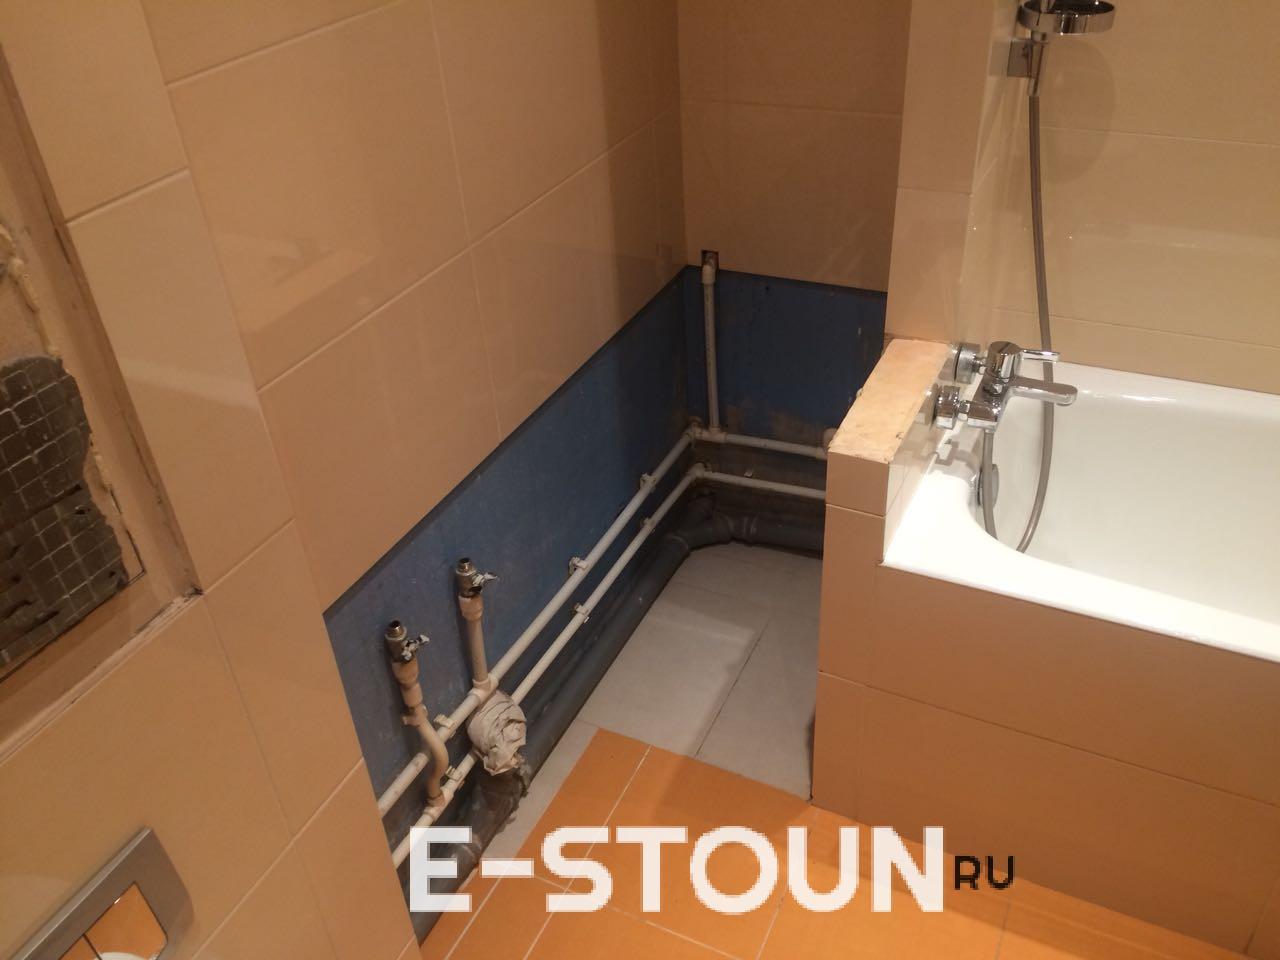 До монтажа столешницы в ванную комнату: видна нестандартная планировка помещения